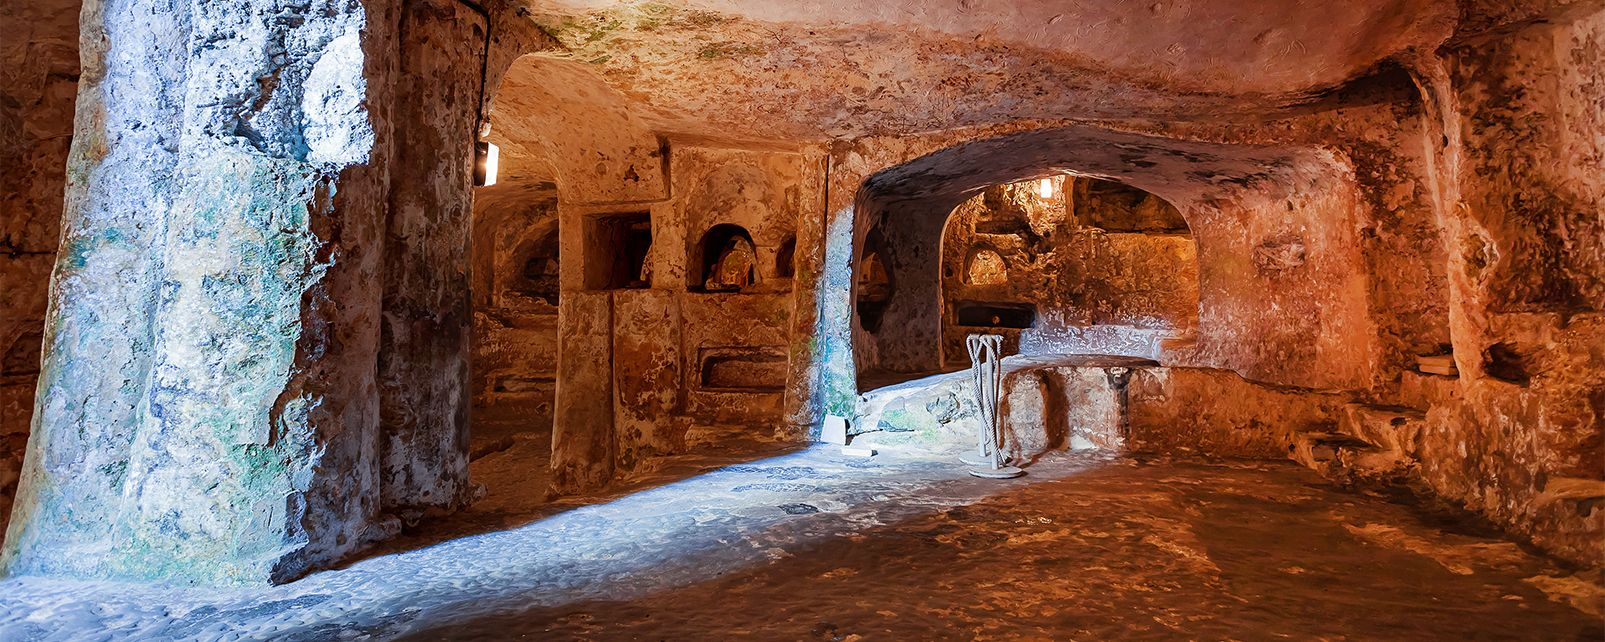 Los vestigios romanos, Arte y cultura, Malta